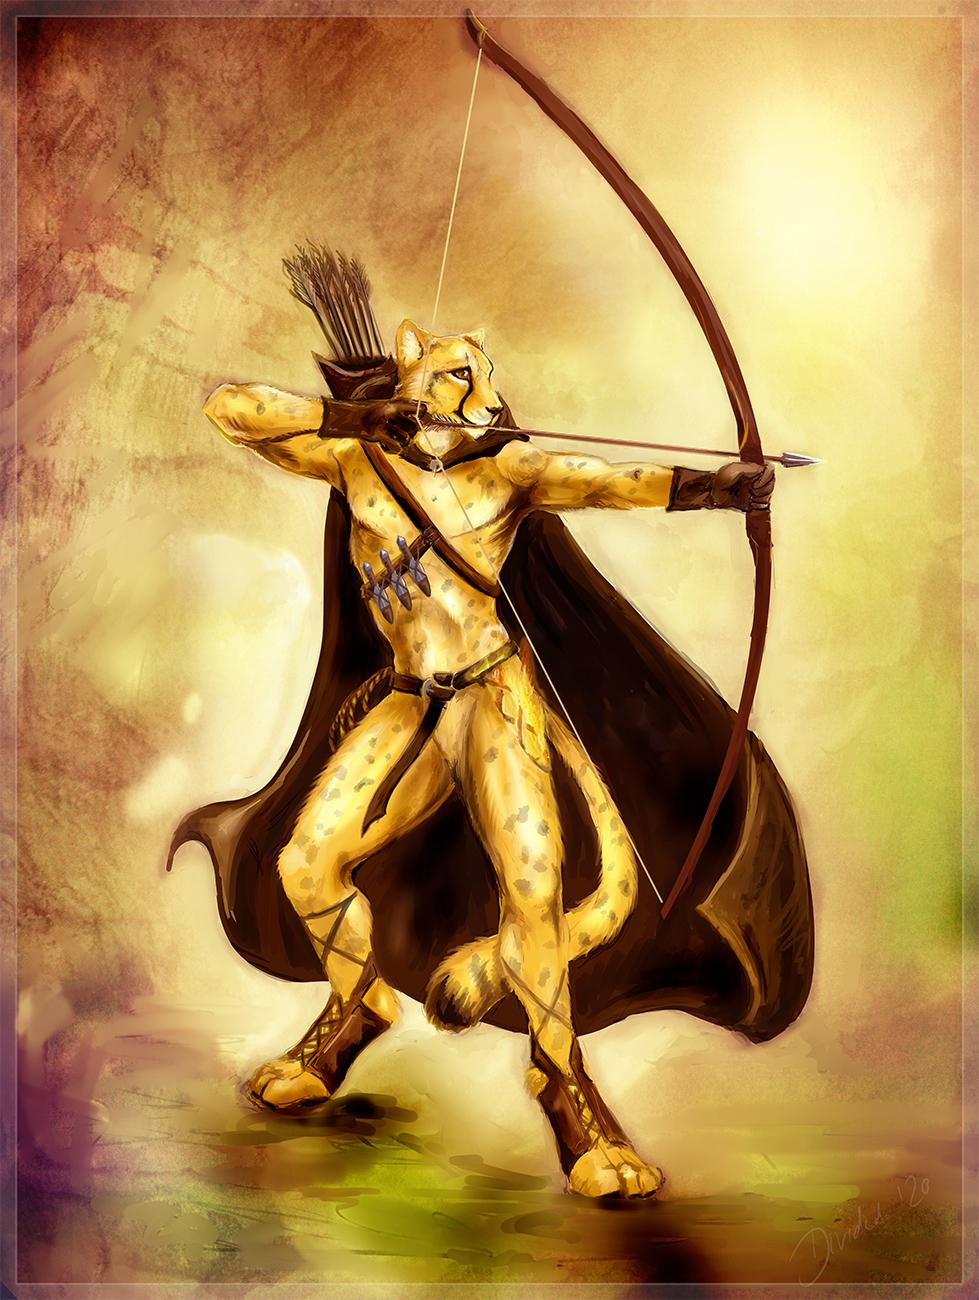 Most recent image: Archer